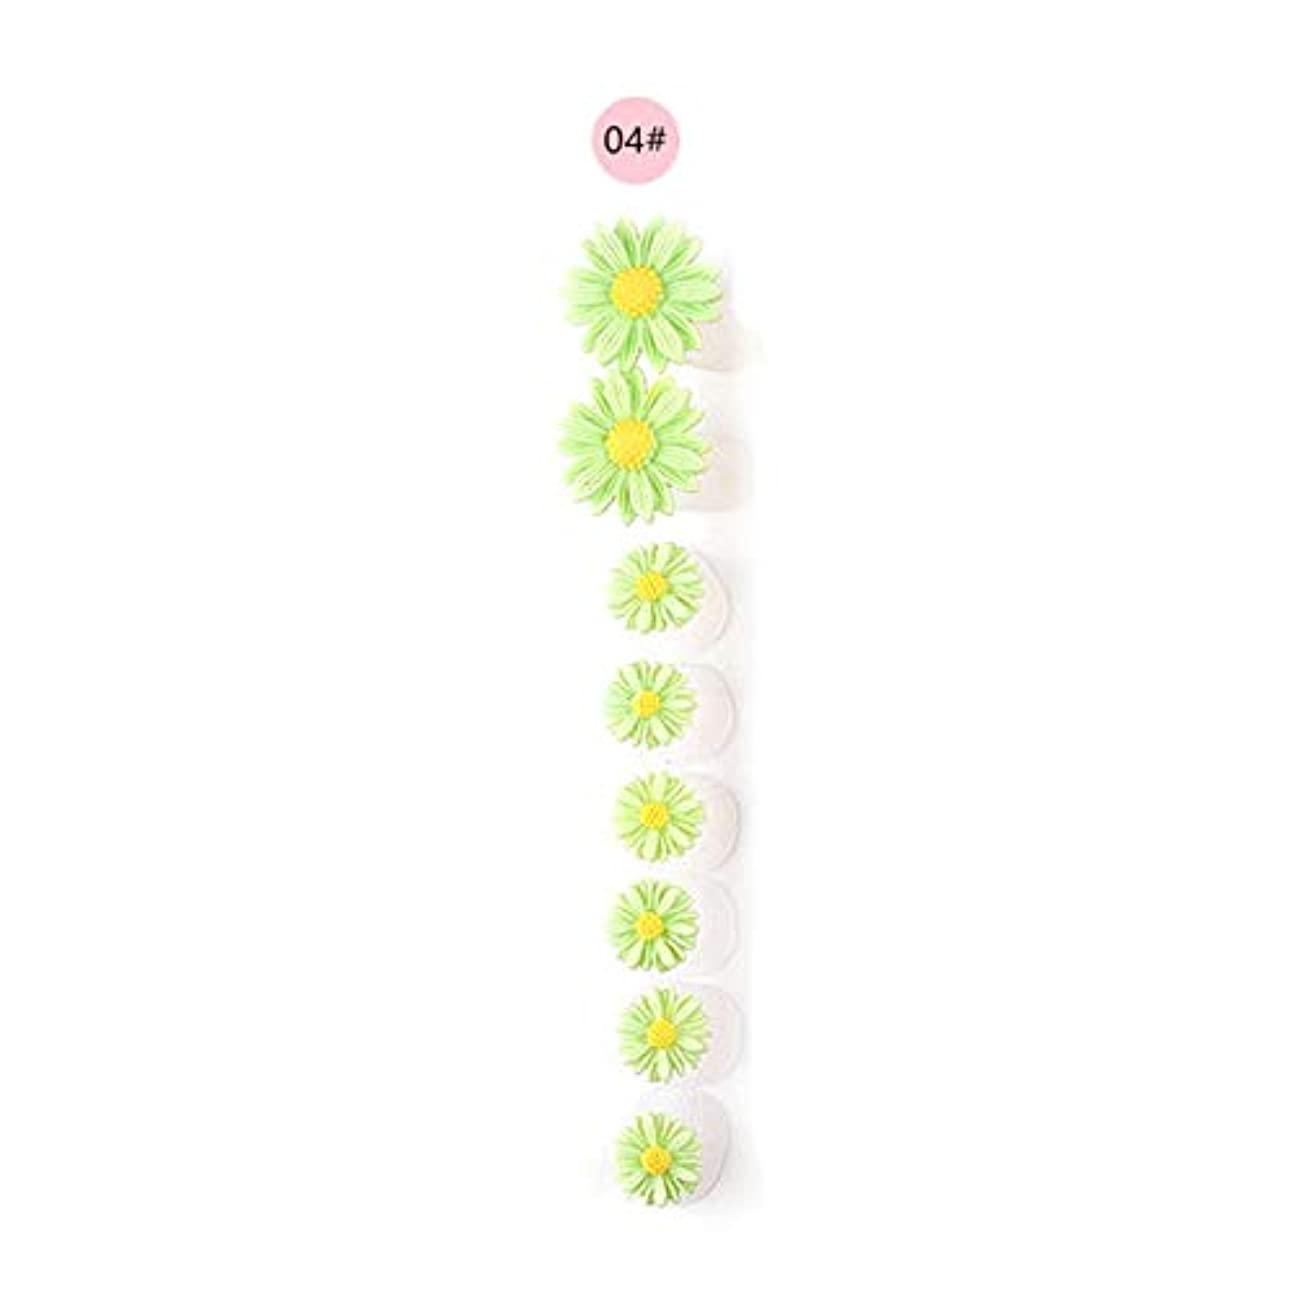 万歳明示的にマーチャンダイジング8ピース/セットシリコンつま先セパレーター足つま先スペーサー花形ペディキュアDIYネイルアートツール-カラフル04#